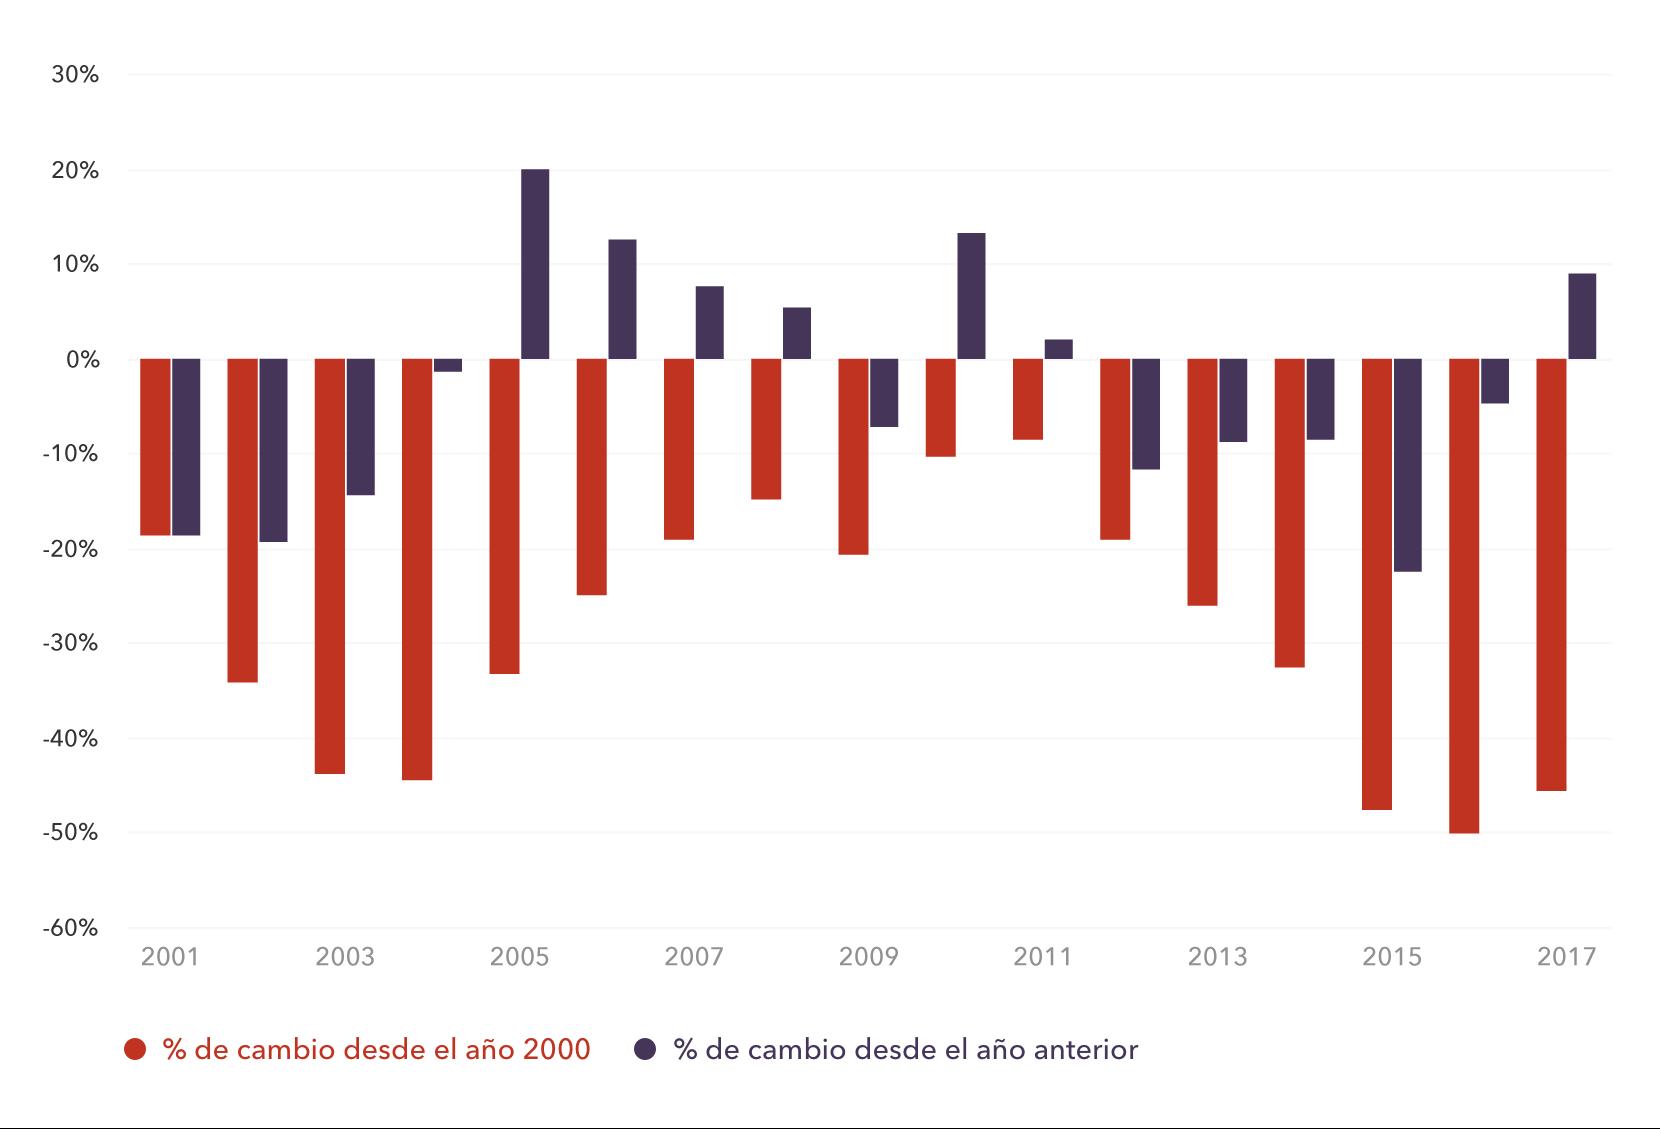 Cambio en el valor del real brasileño (BRL) desde 2000